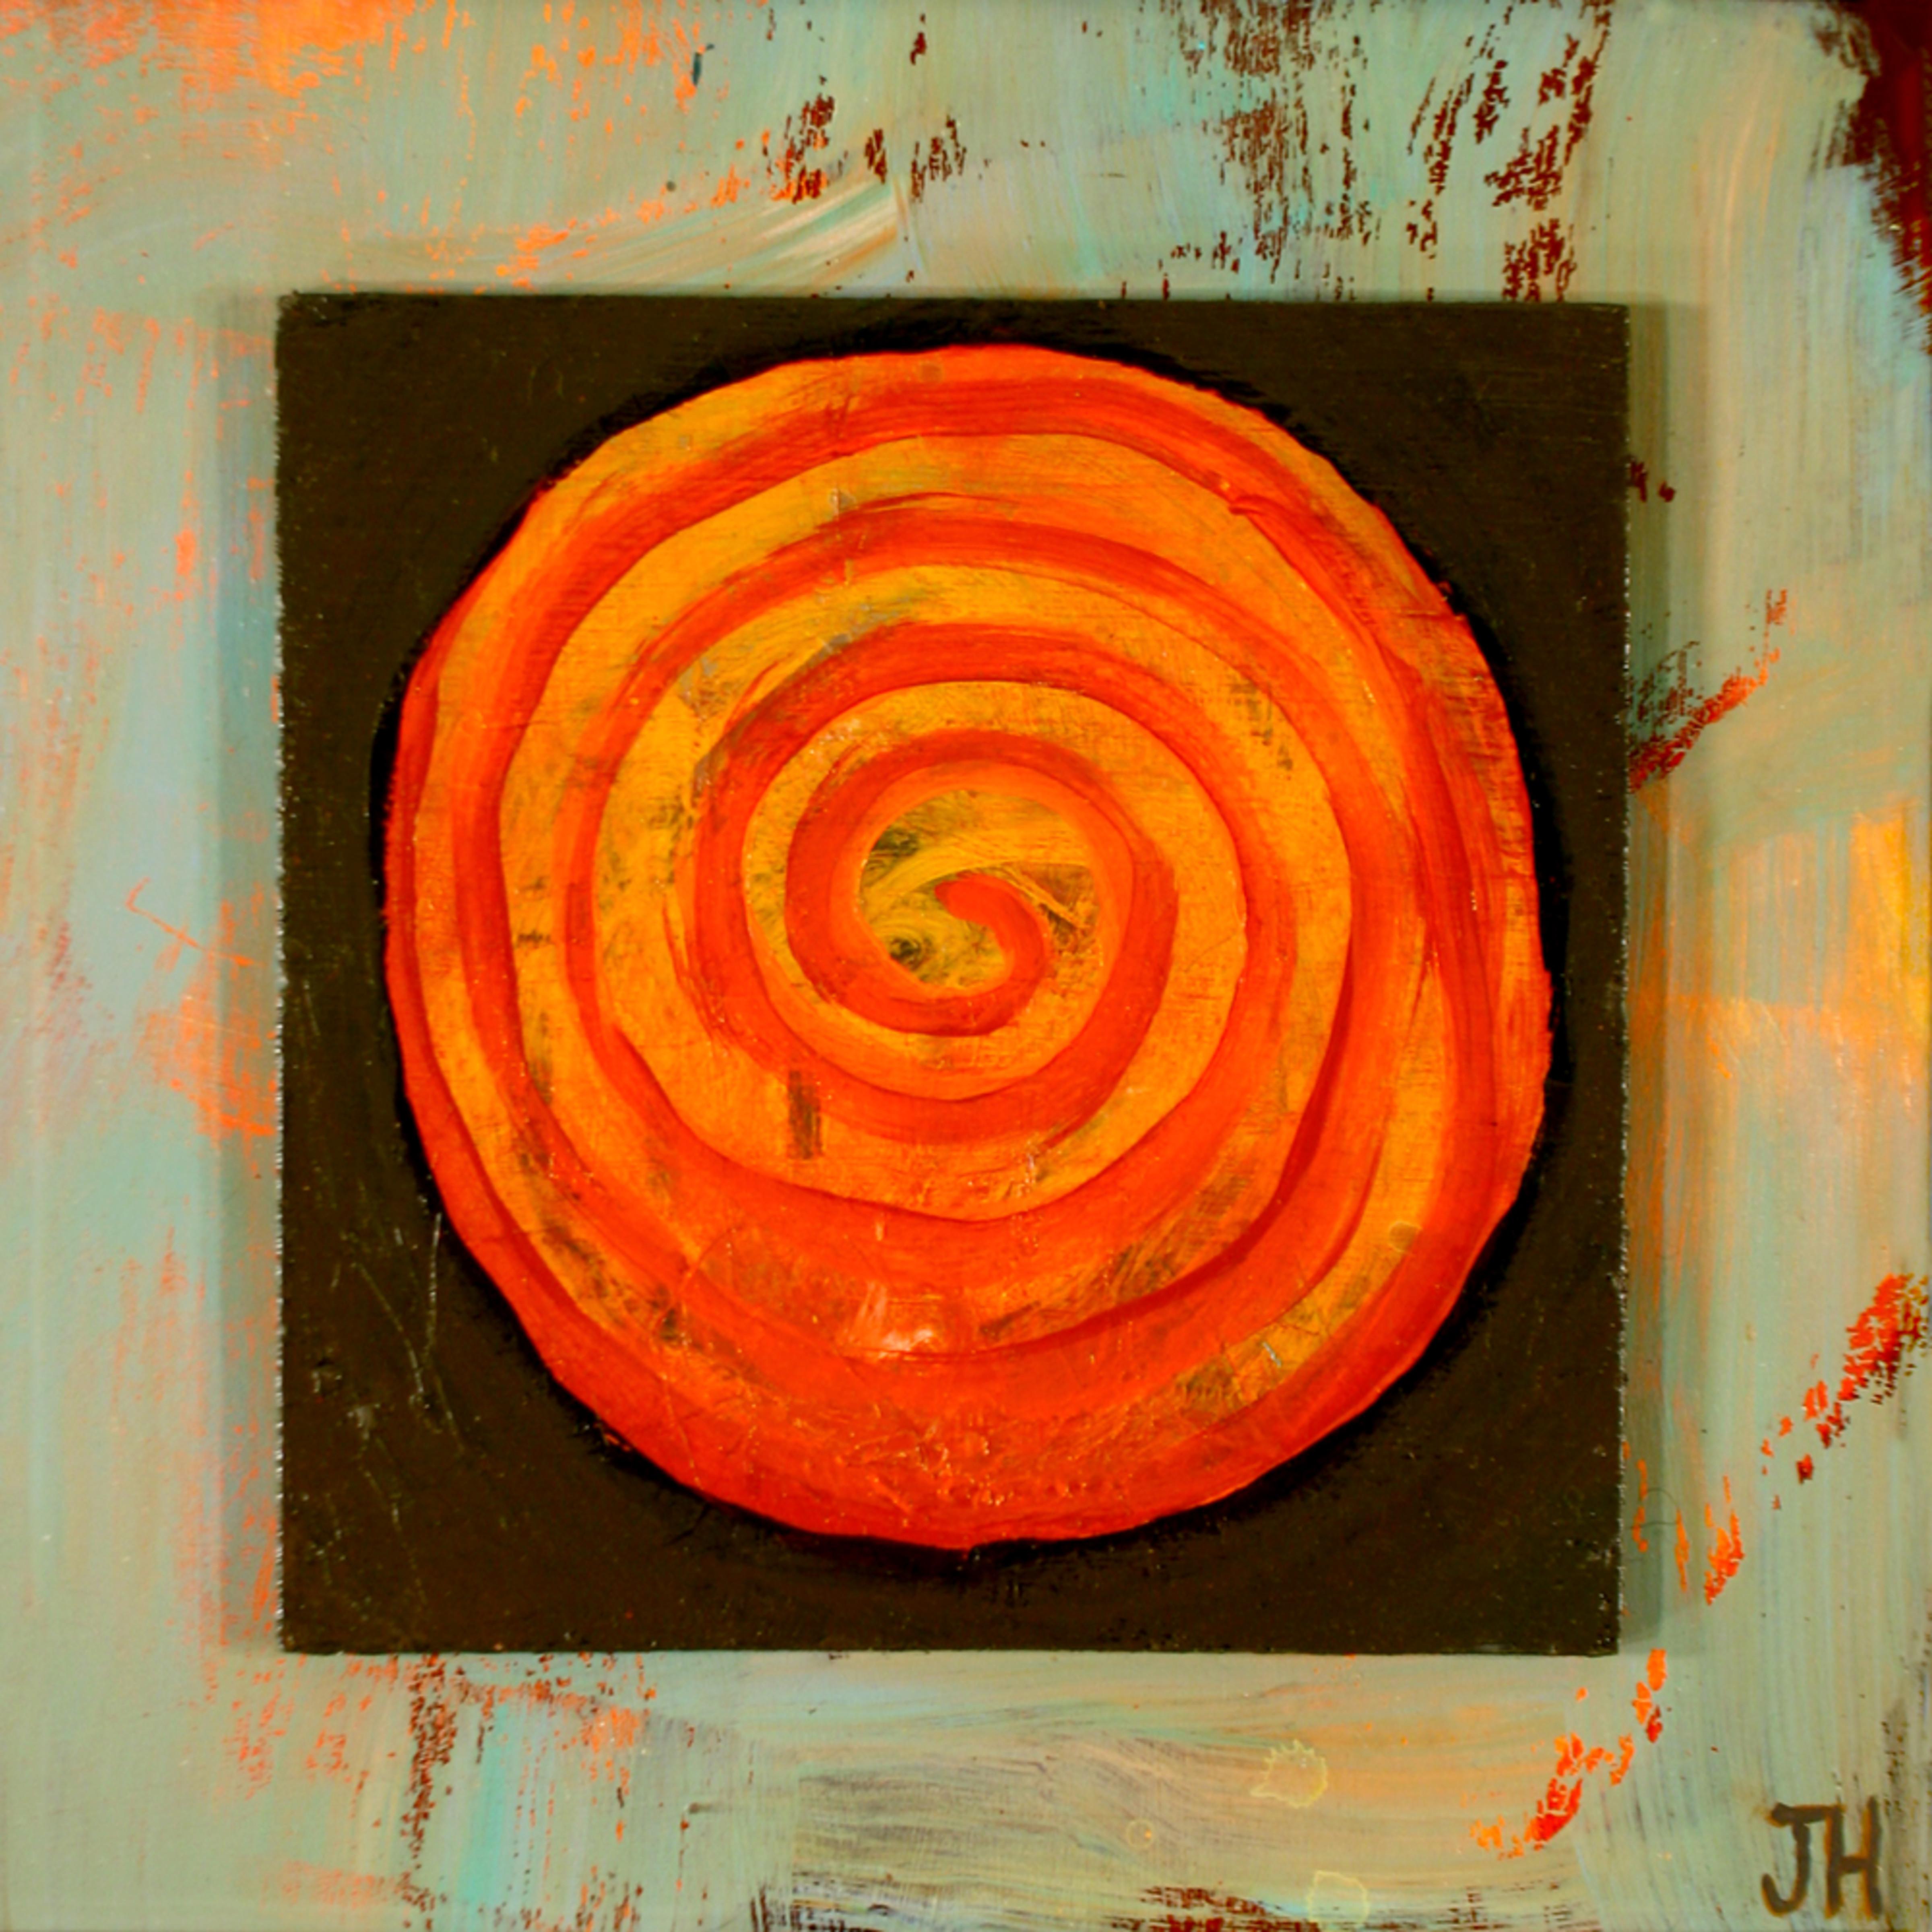 Orangeorb jhahn upsw5h